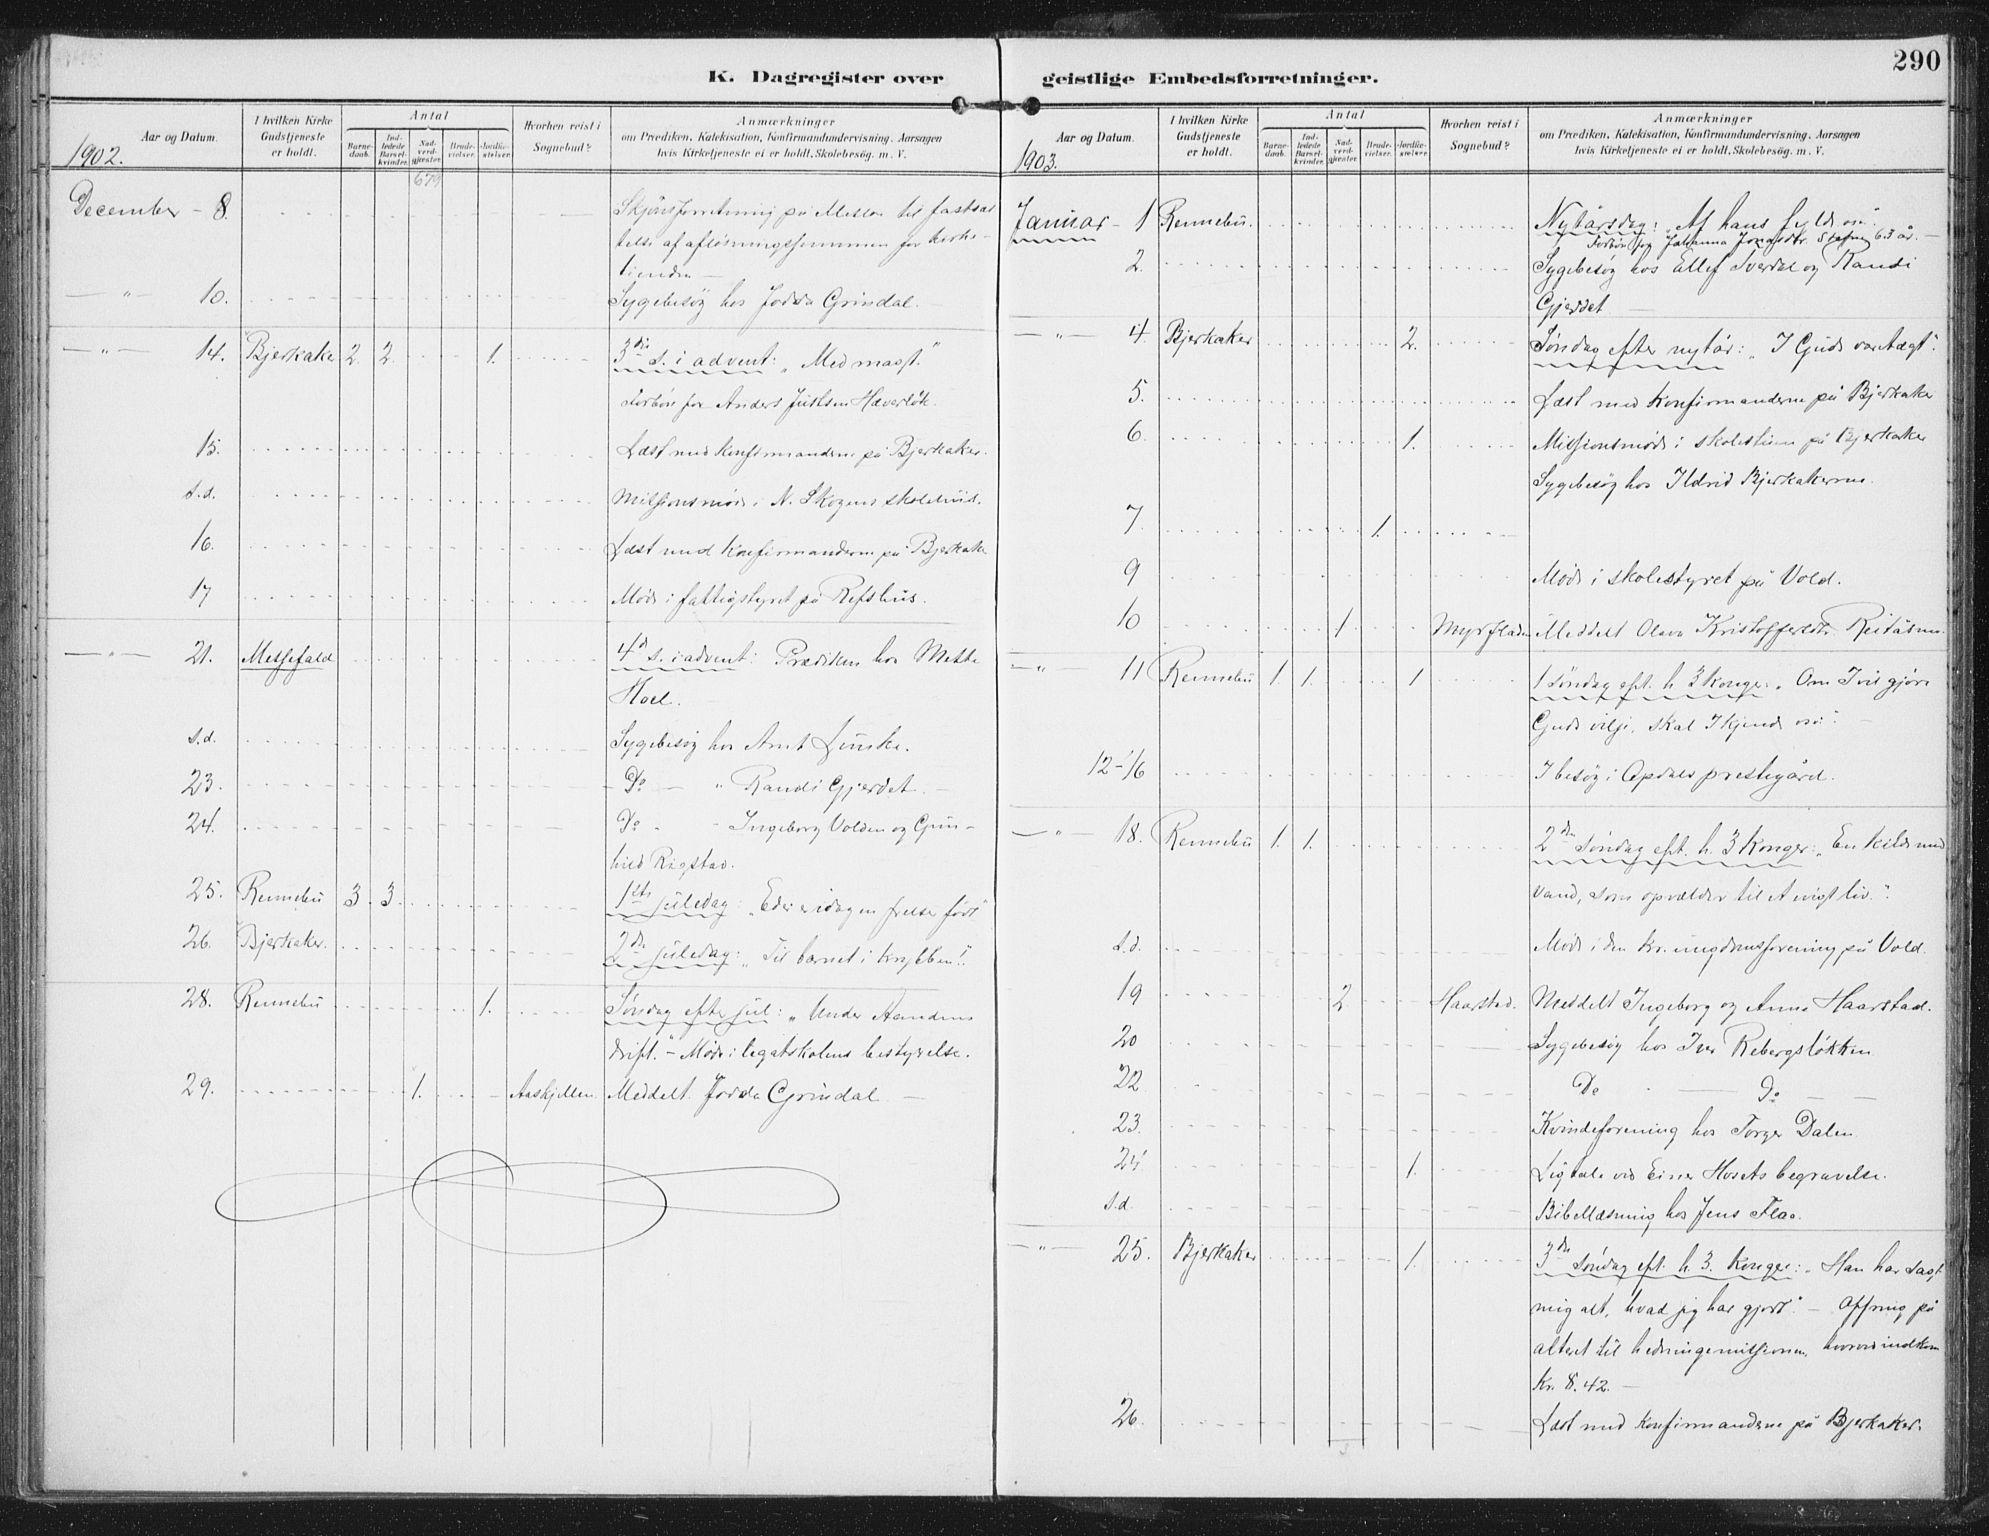 SAT, Ministerialprotokoller, klokkerbøker og fødselsregistre - Sør-Trøndelag, 674/L0872: Ministerialbok nr. 674A04, 1897-1907, s. 290